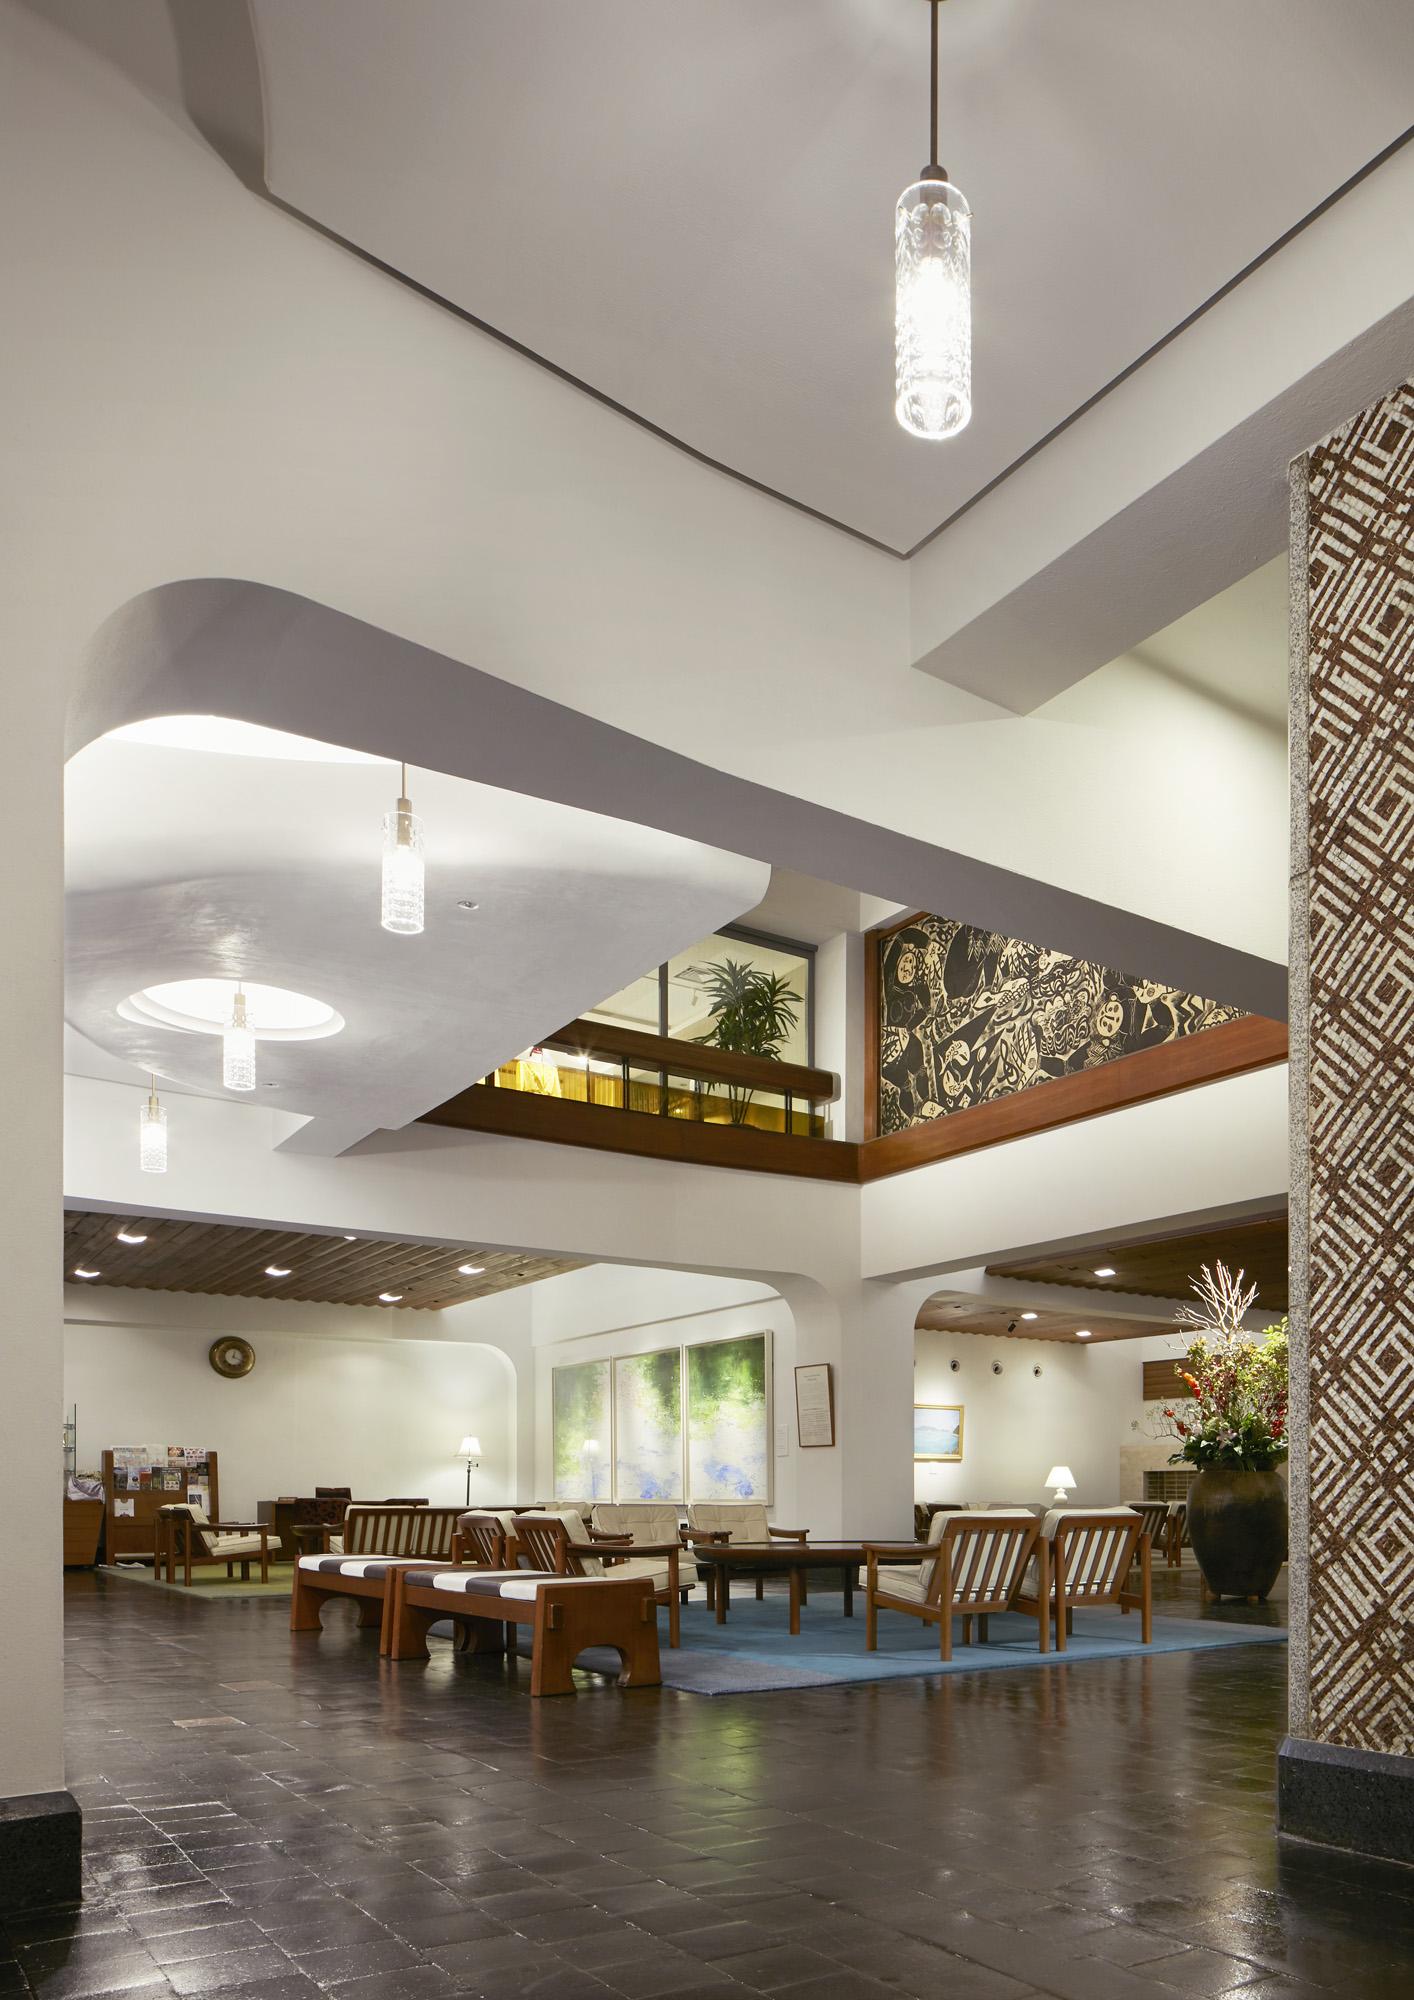 ホテル 倉敷 アイビー スクエア 倉敷アイビースクエアの宿泊予約なら【フォートラベル】の格安料金比較